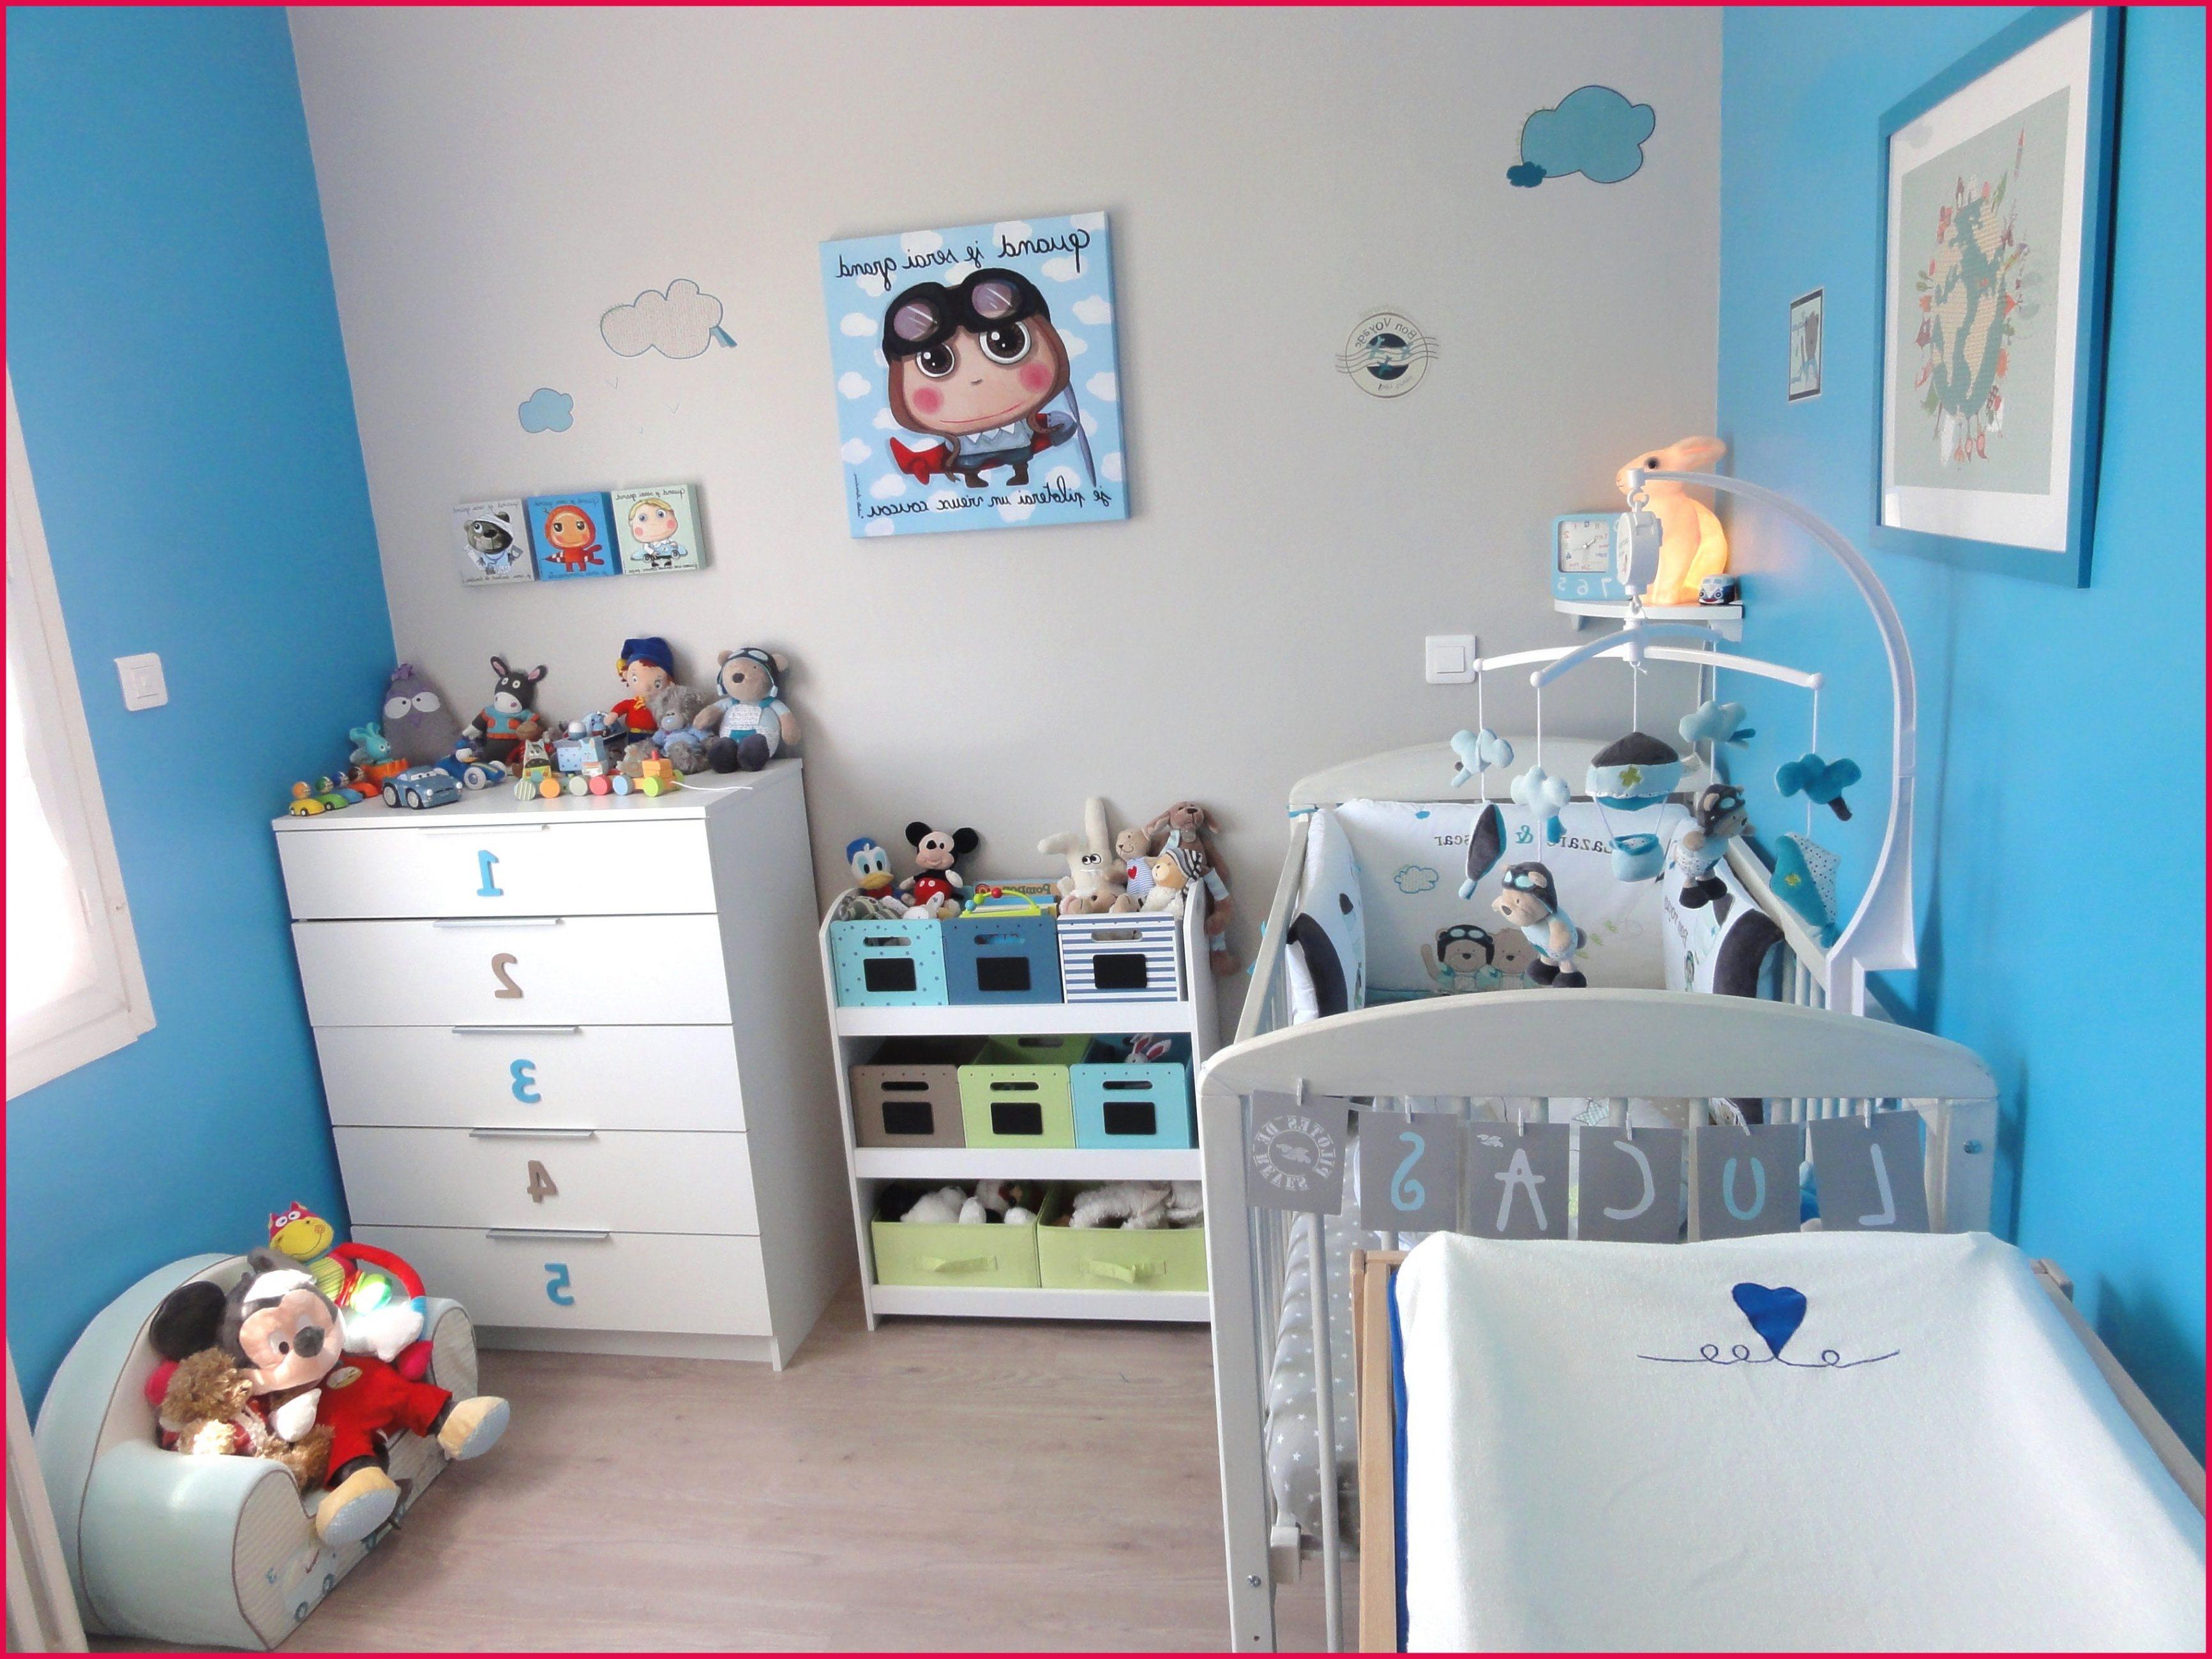 Tour De Lit Bébé Bleu Bel Décoration De Chambre Pour Bébé — Mikea Galerie